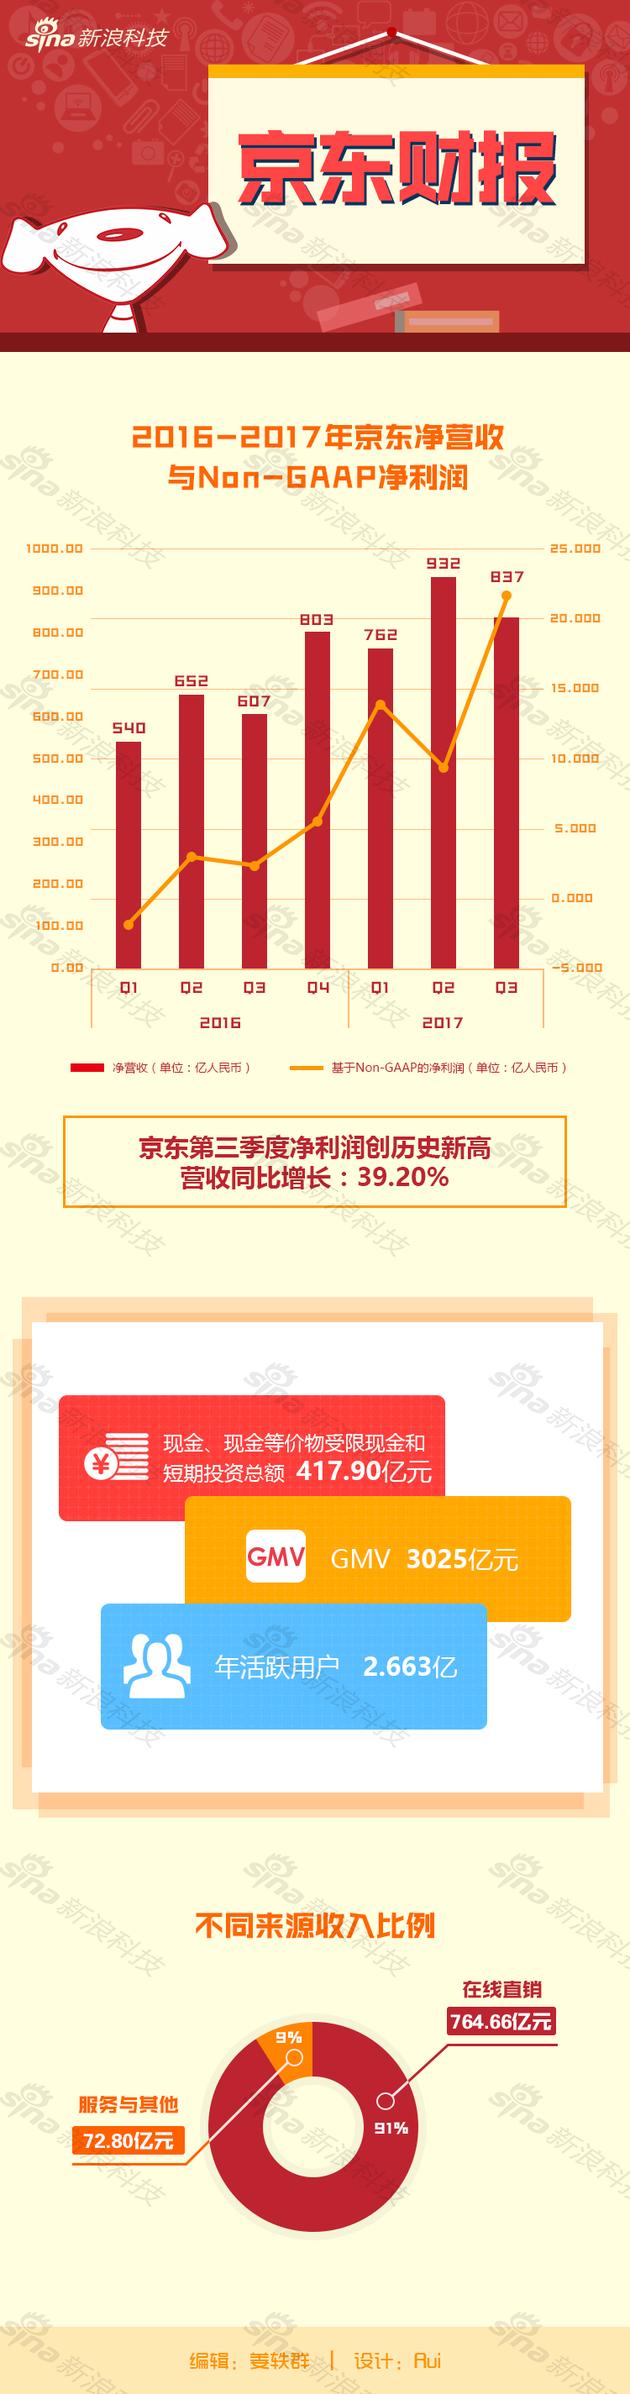 京东第三季度财报数据